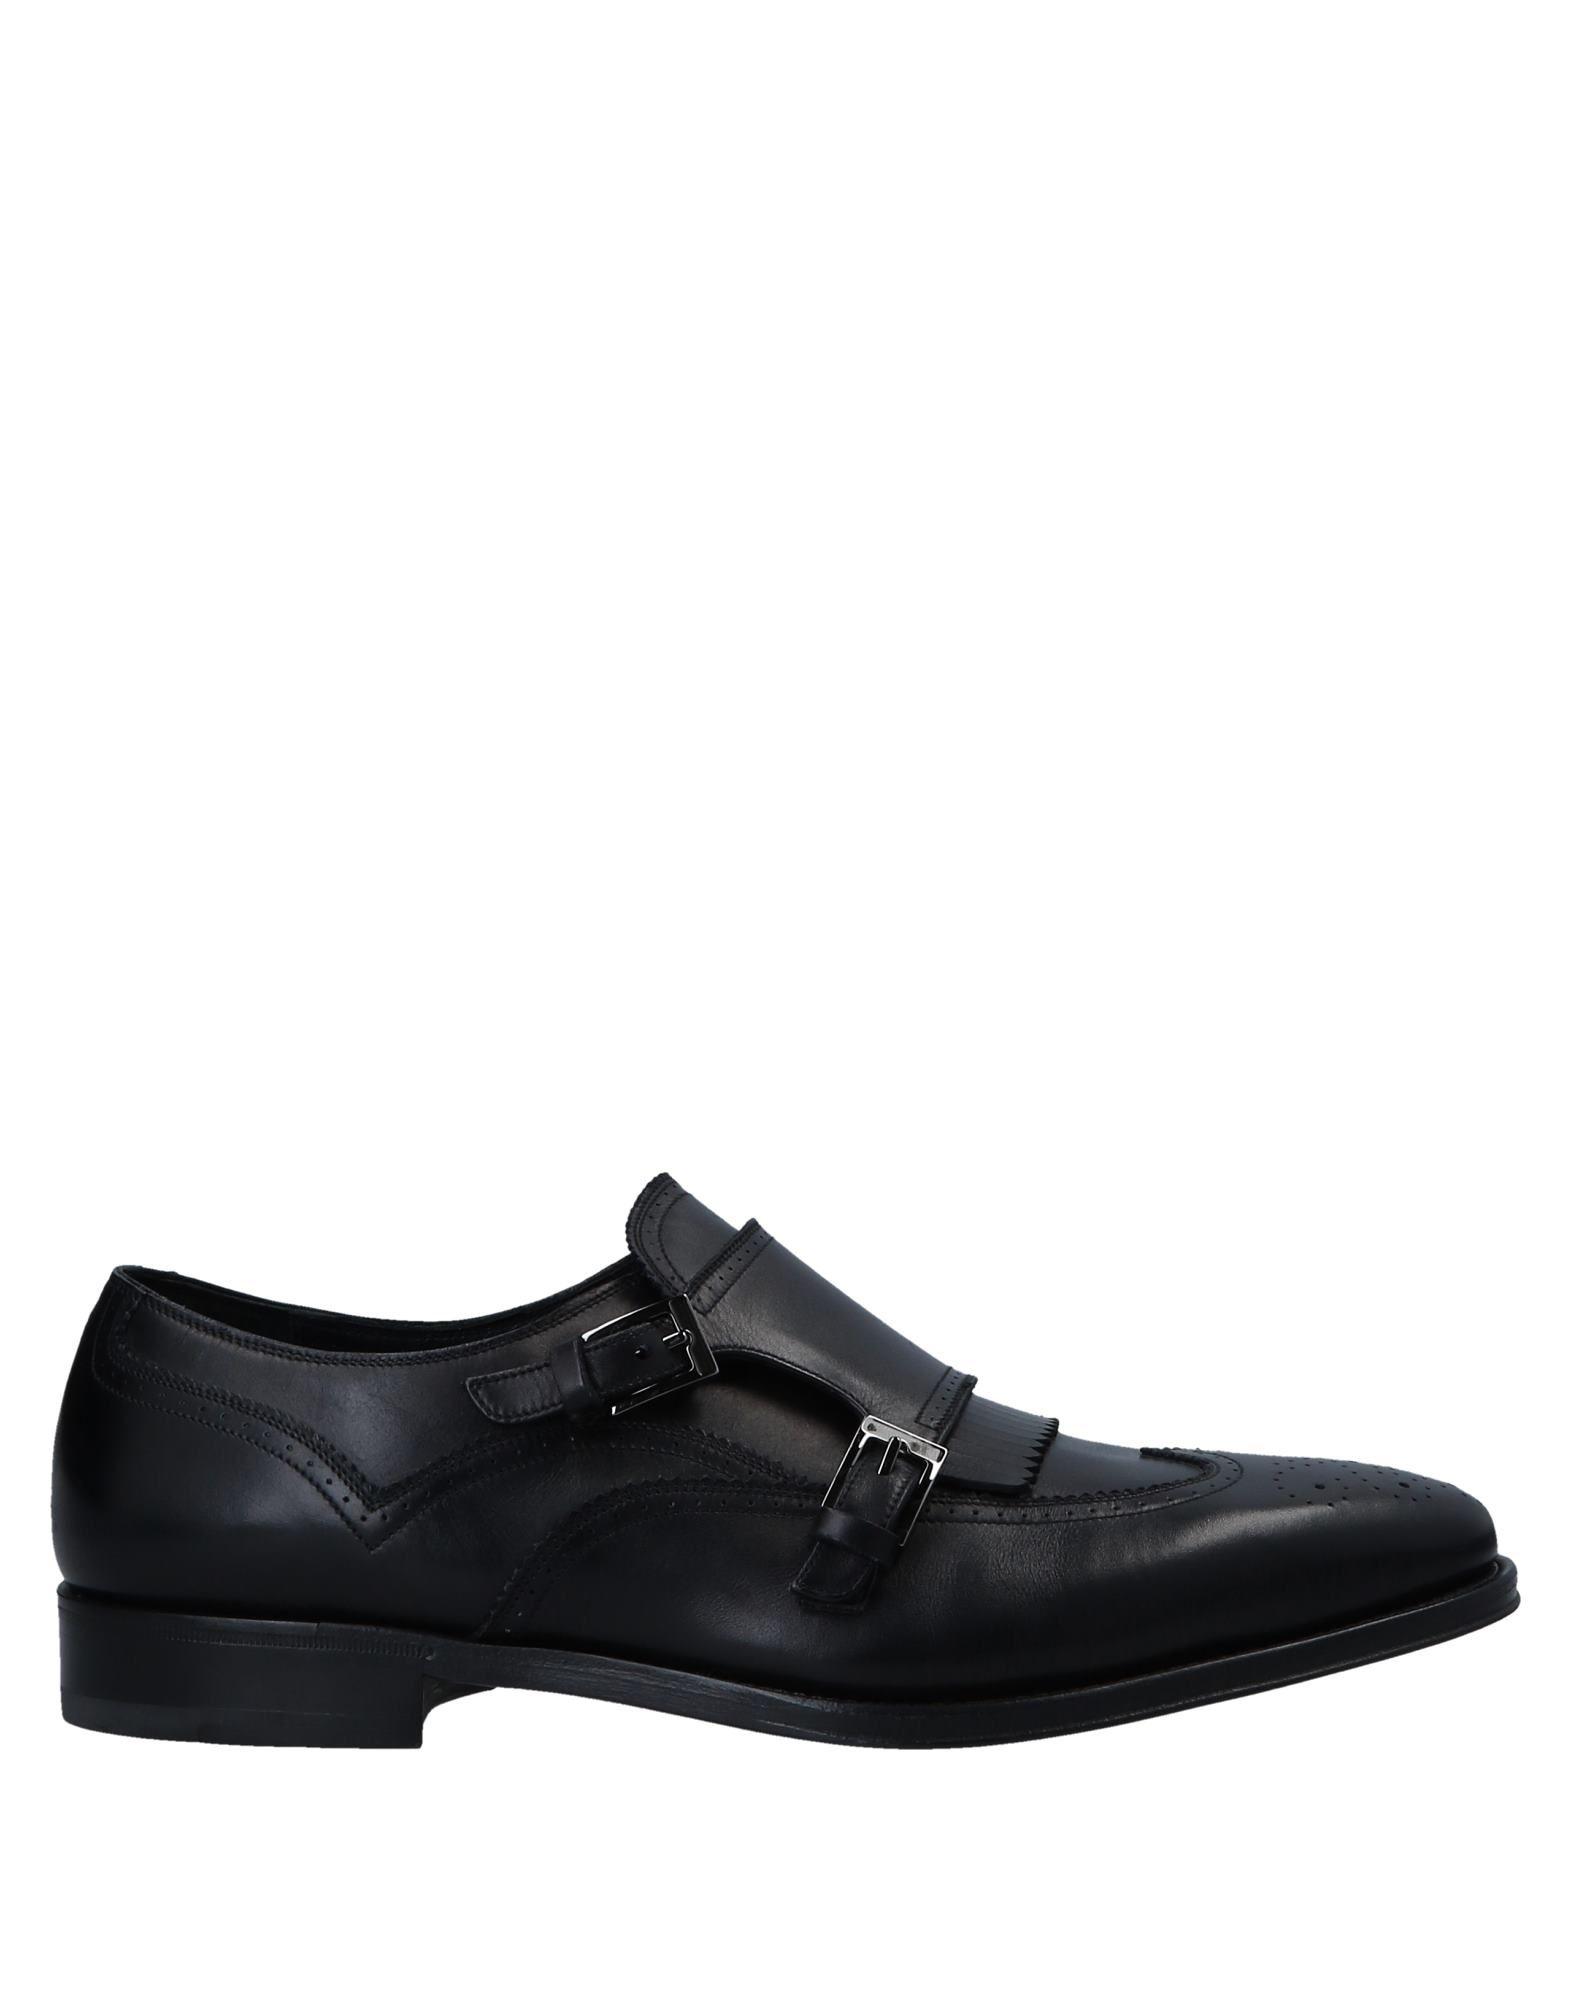 Salvatore 11556161QS Ferragamo Mokassins Herren  11556161QS Salvatore Gute Qualität beliebte Schuhe b6f336